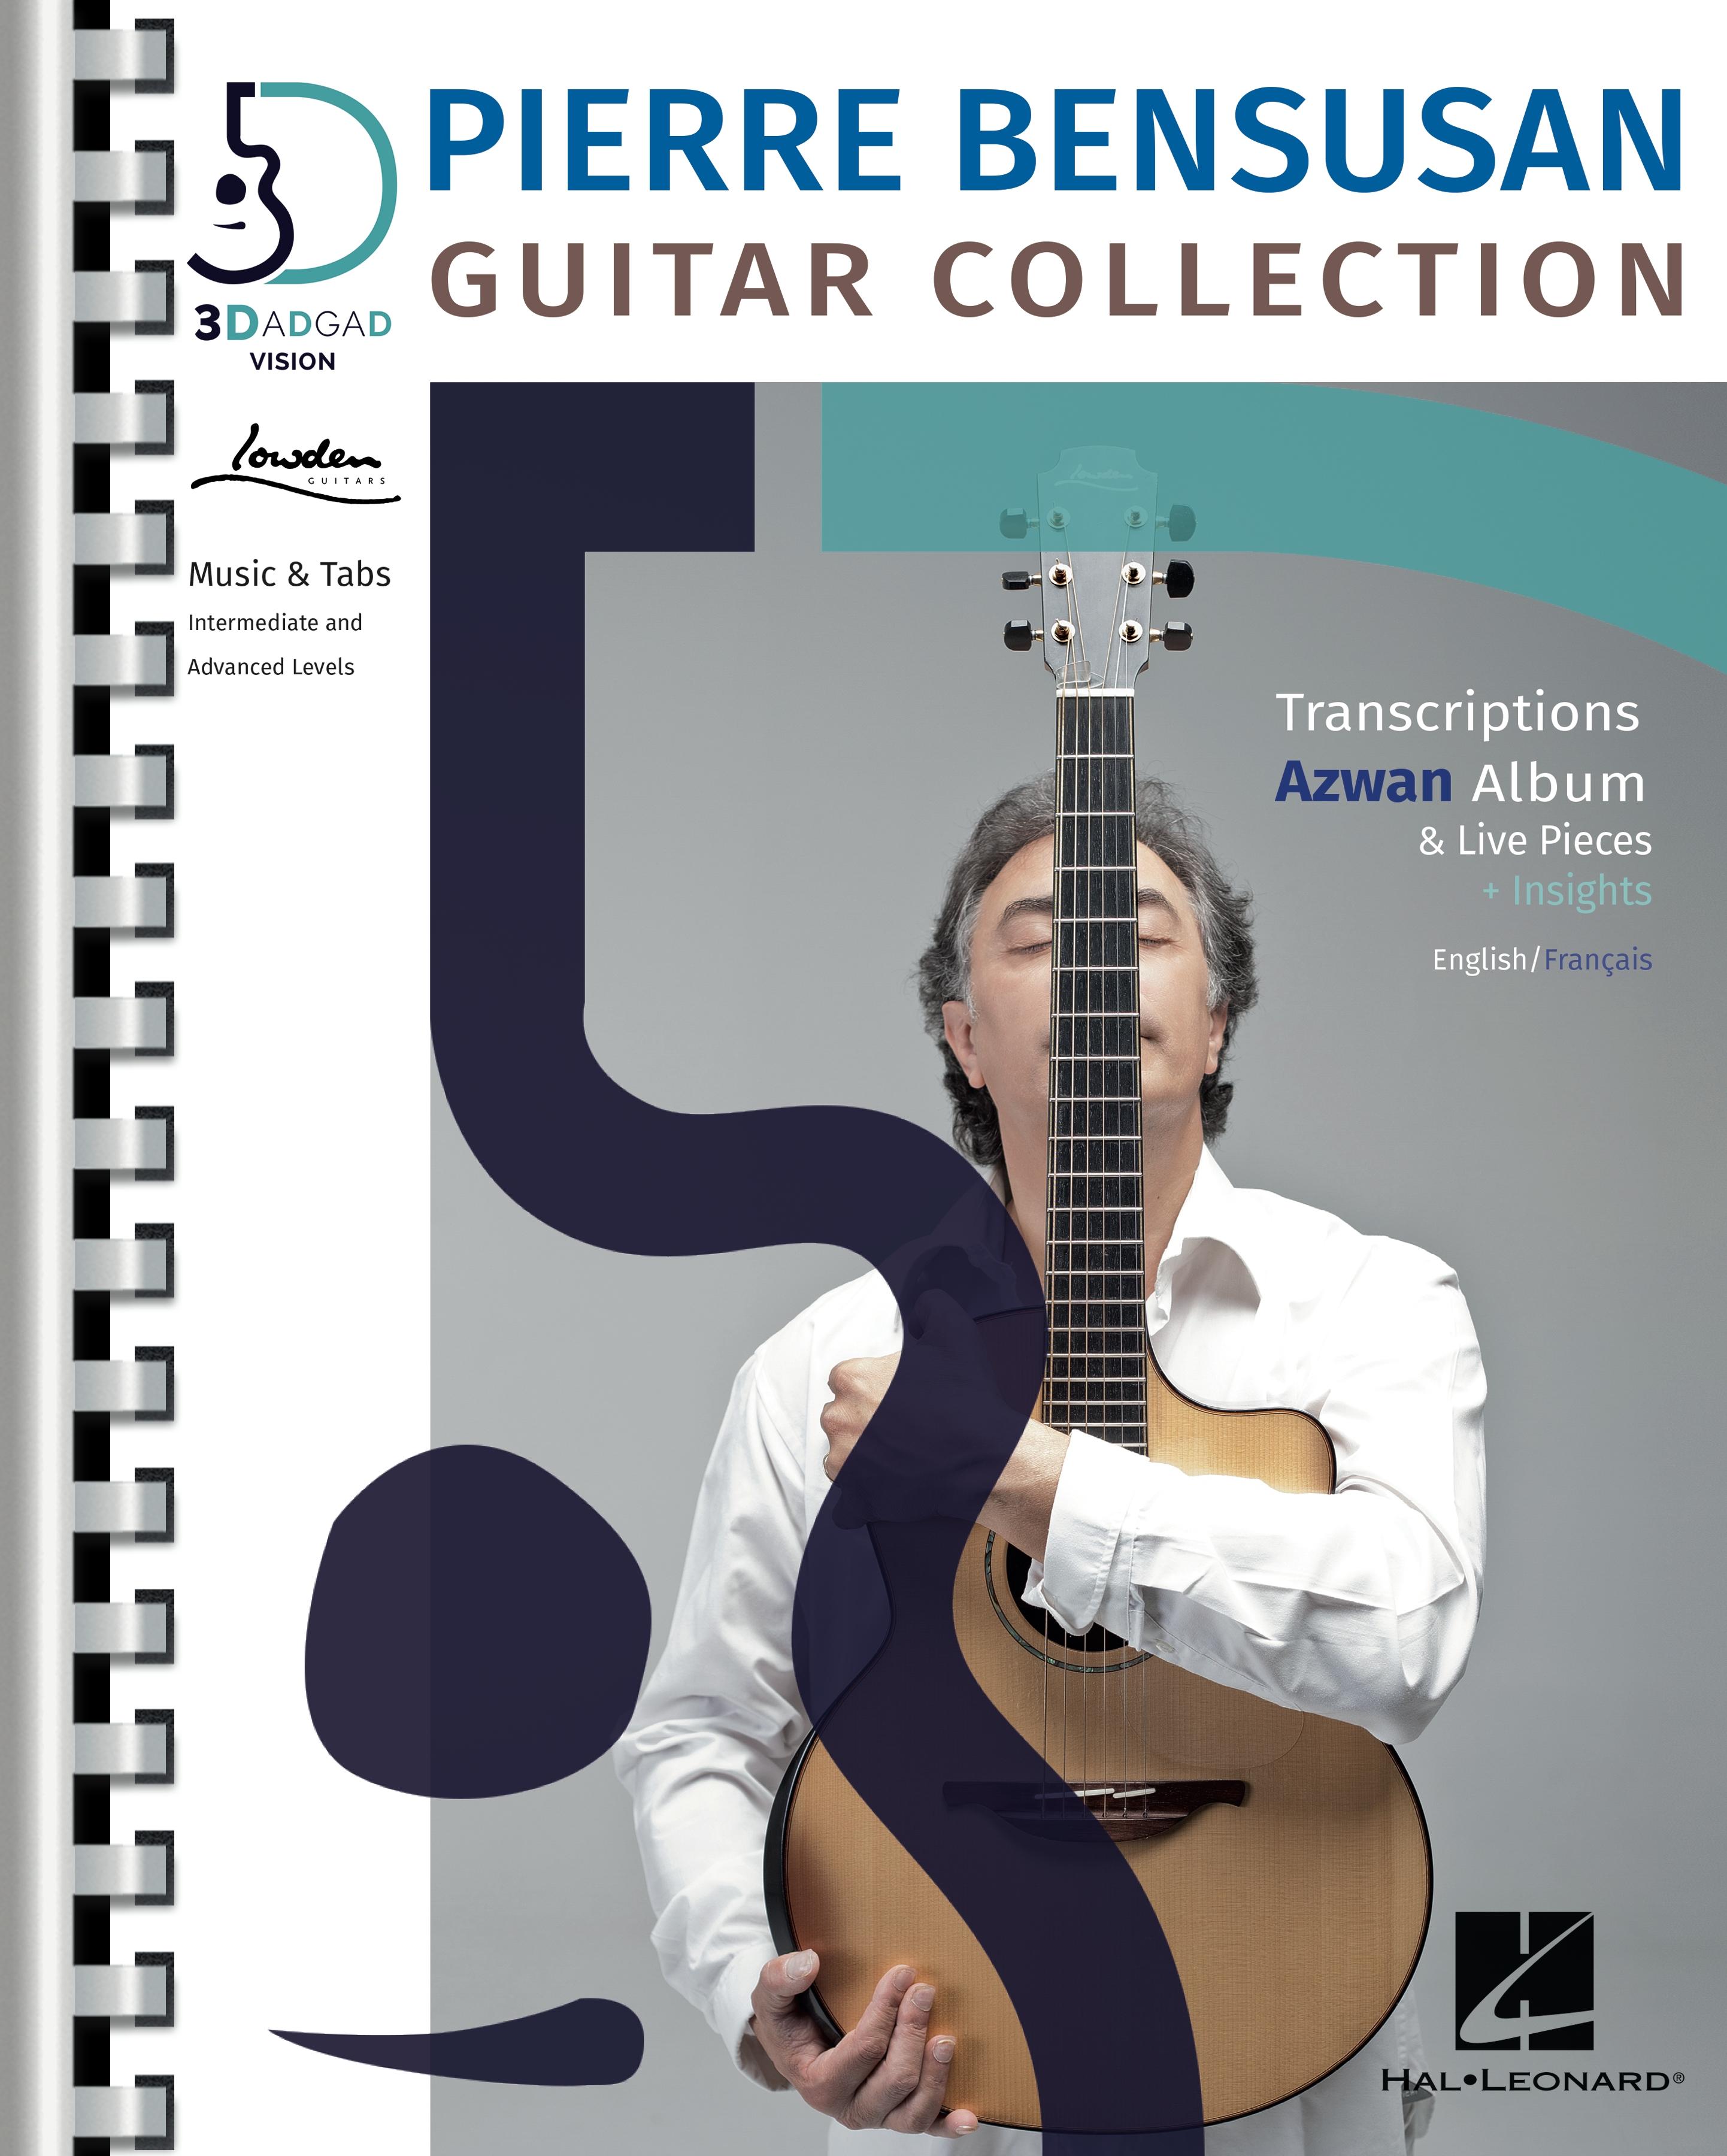 Pierre Bensusan Guitar Collection